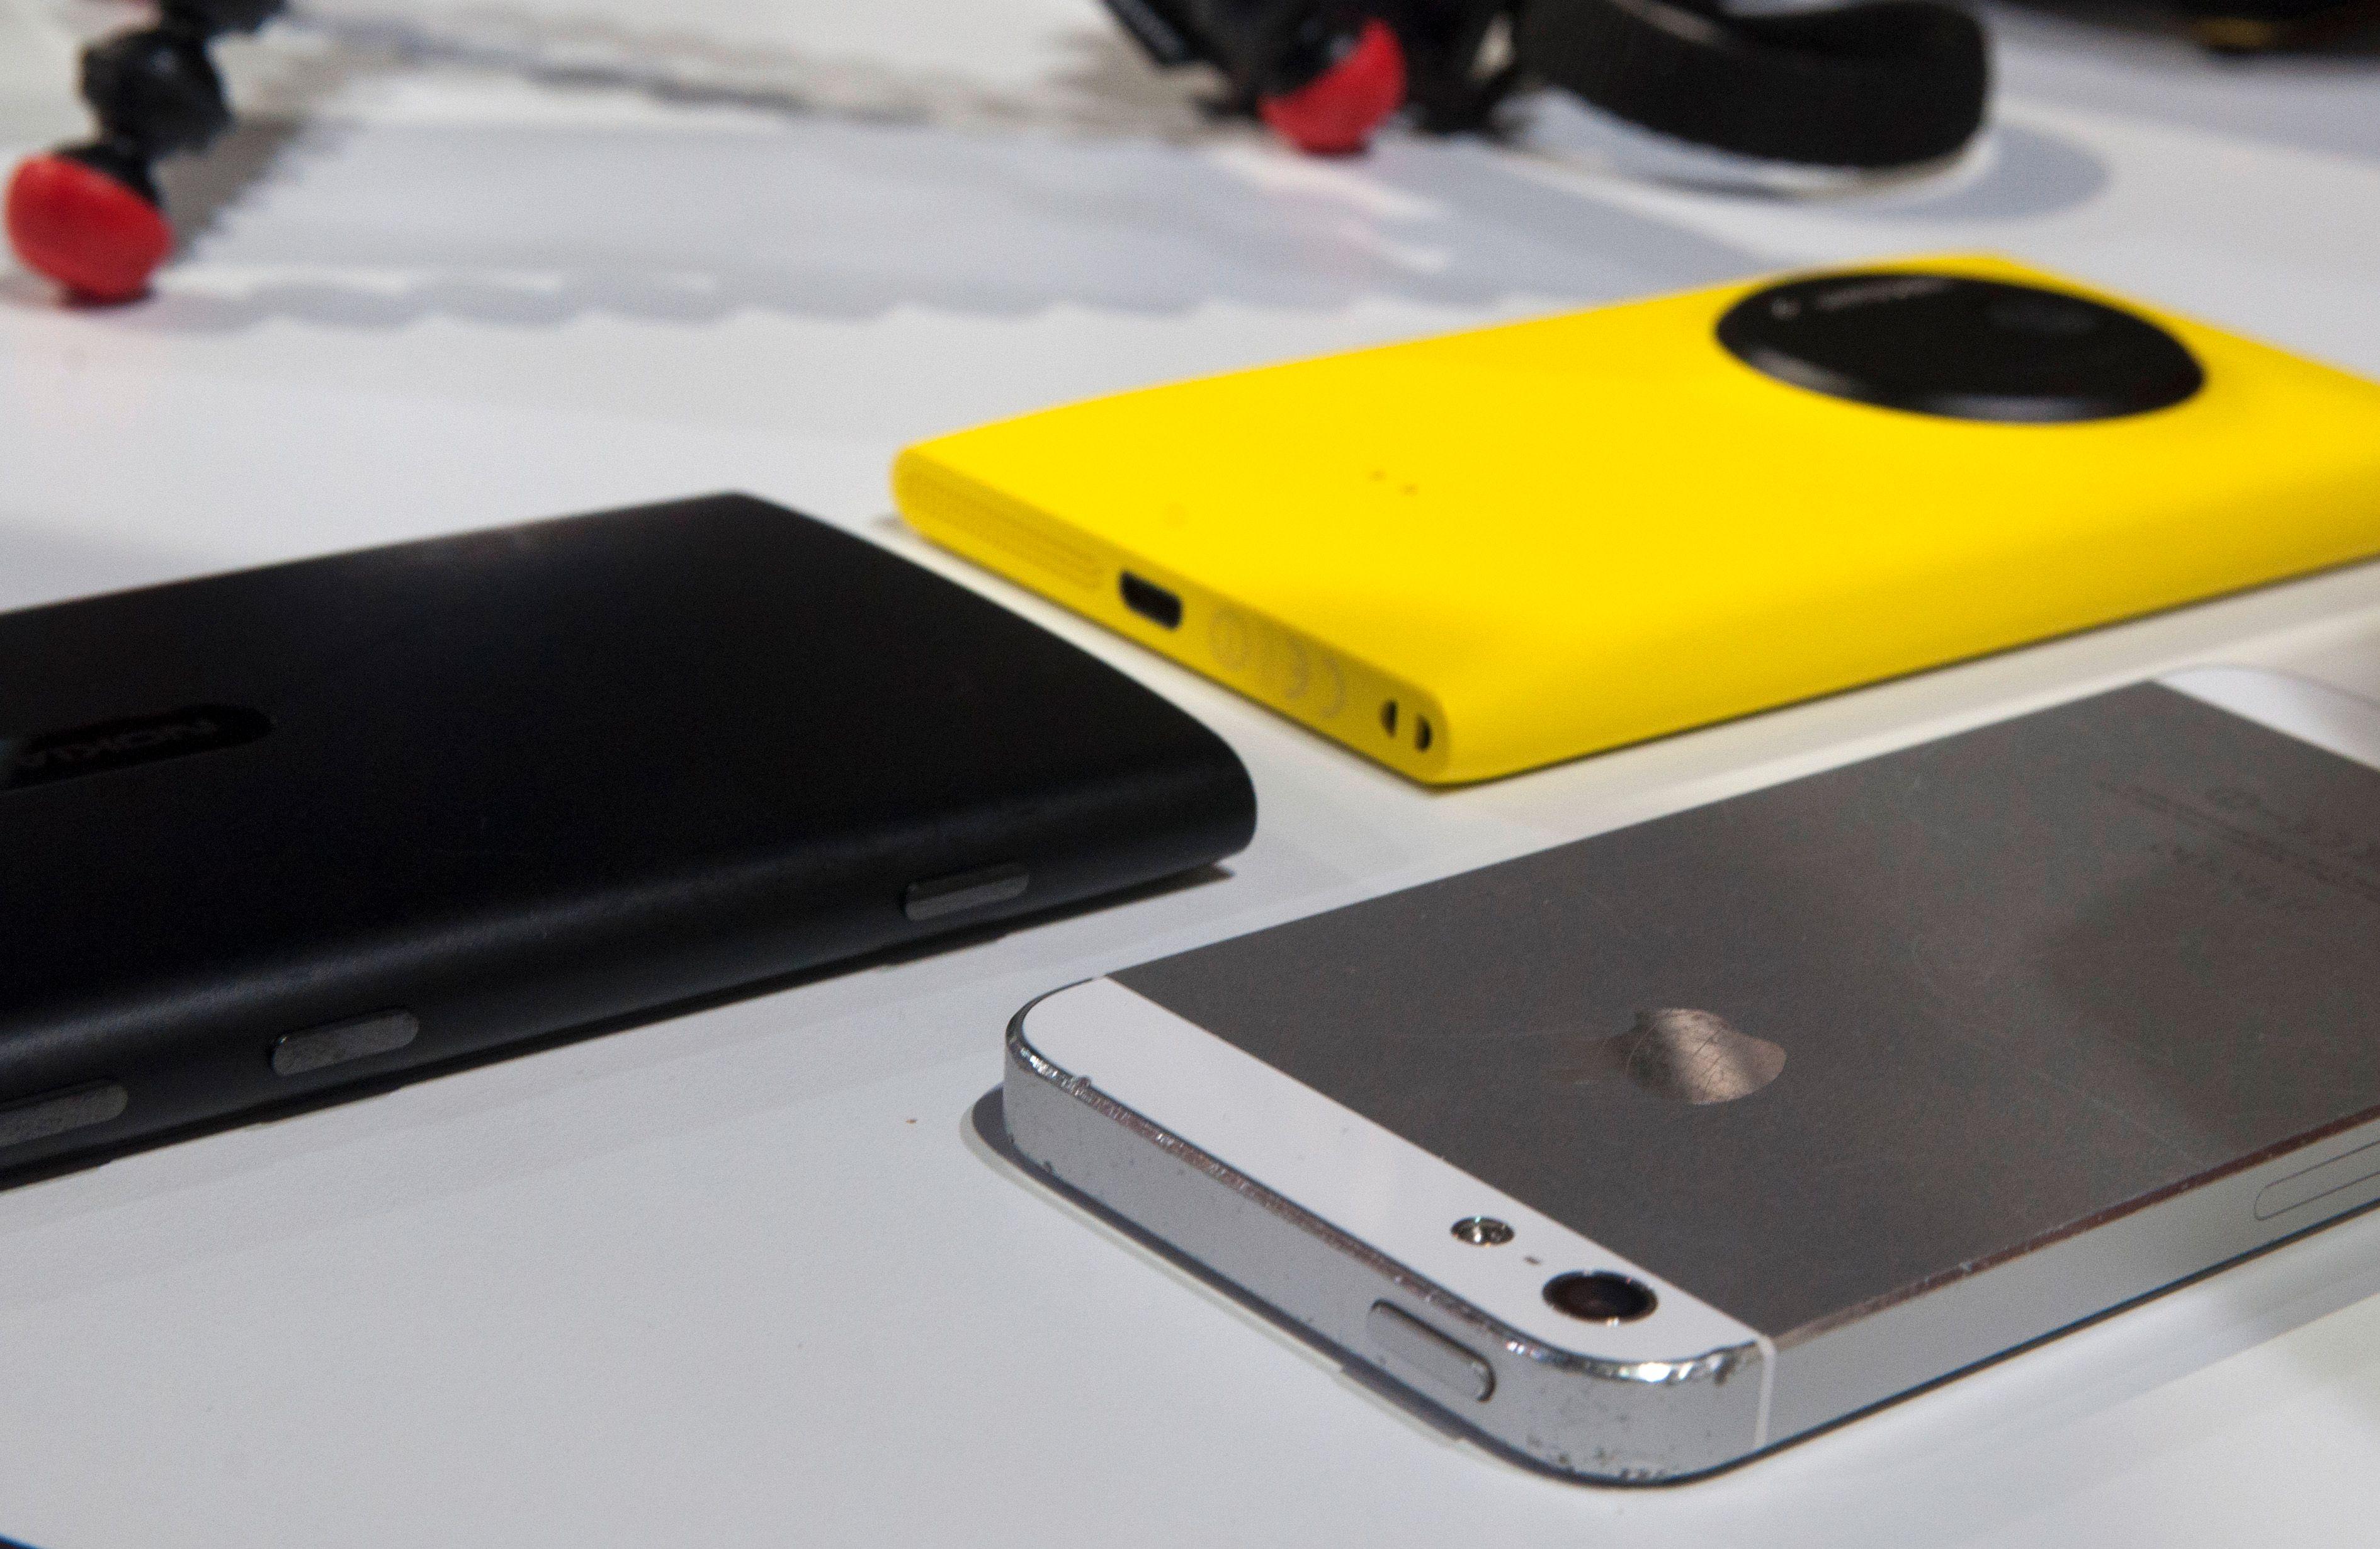 Lumia 920, Lumia 1020 og Apple iPhone 5.Foto: Finn Jarle Kvalheim, Amobil.no